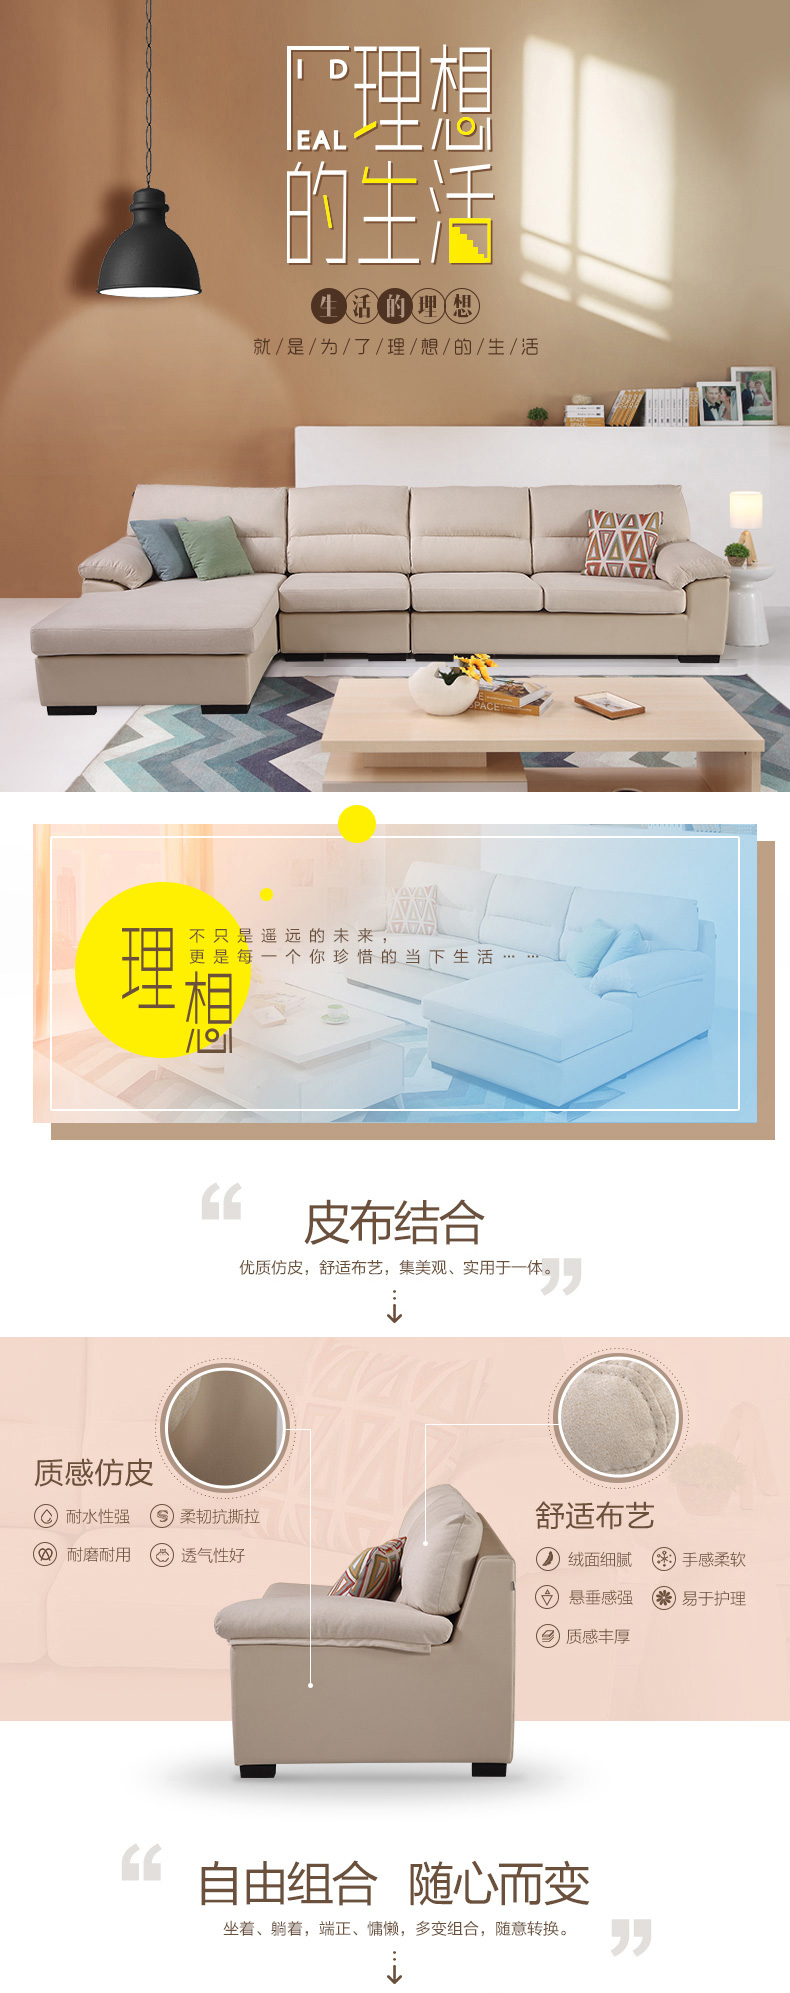 全友家居-现代布艺转角沙发组合102217_01.jpg